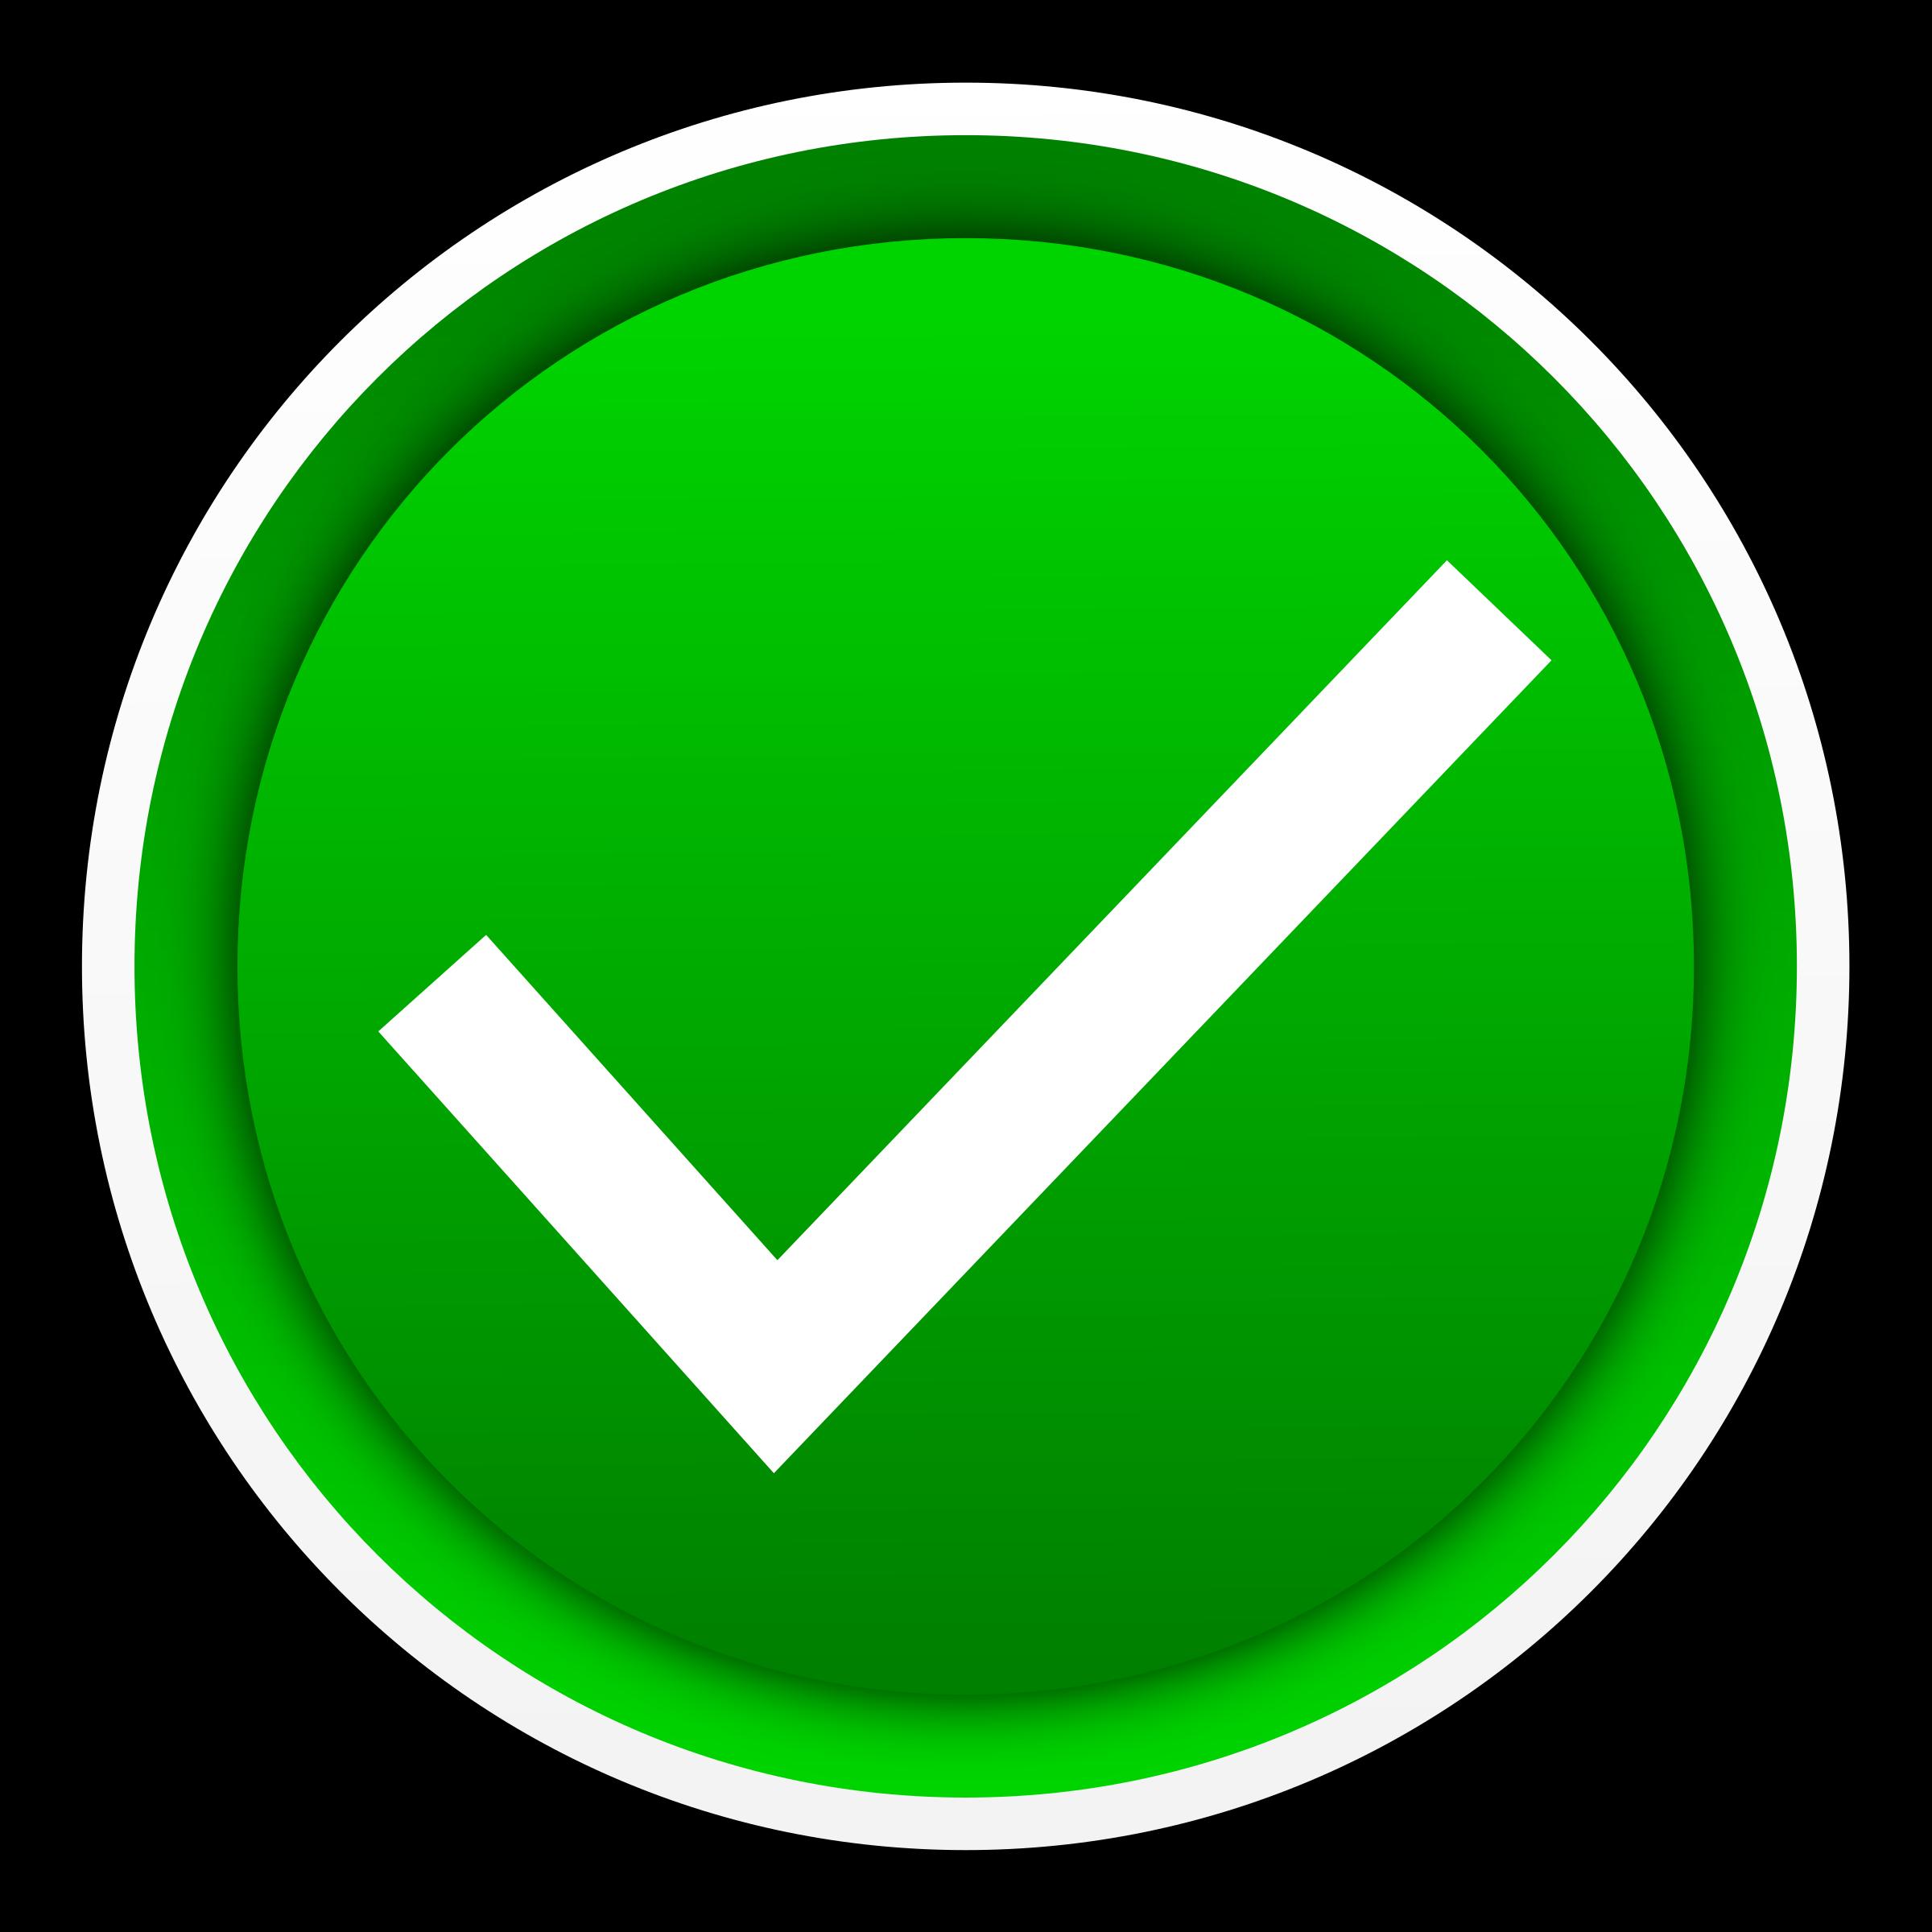 yeşil tik işareti ile ilgili görsel sonucu